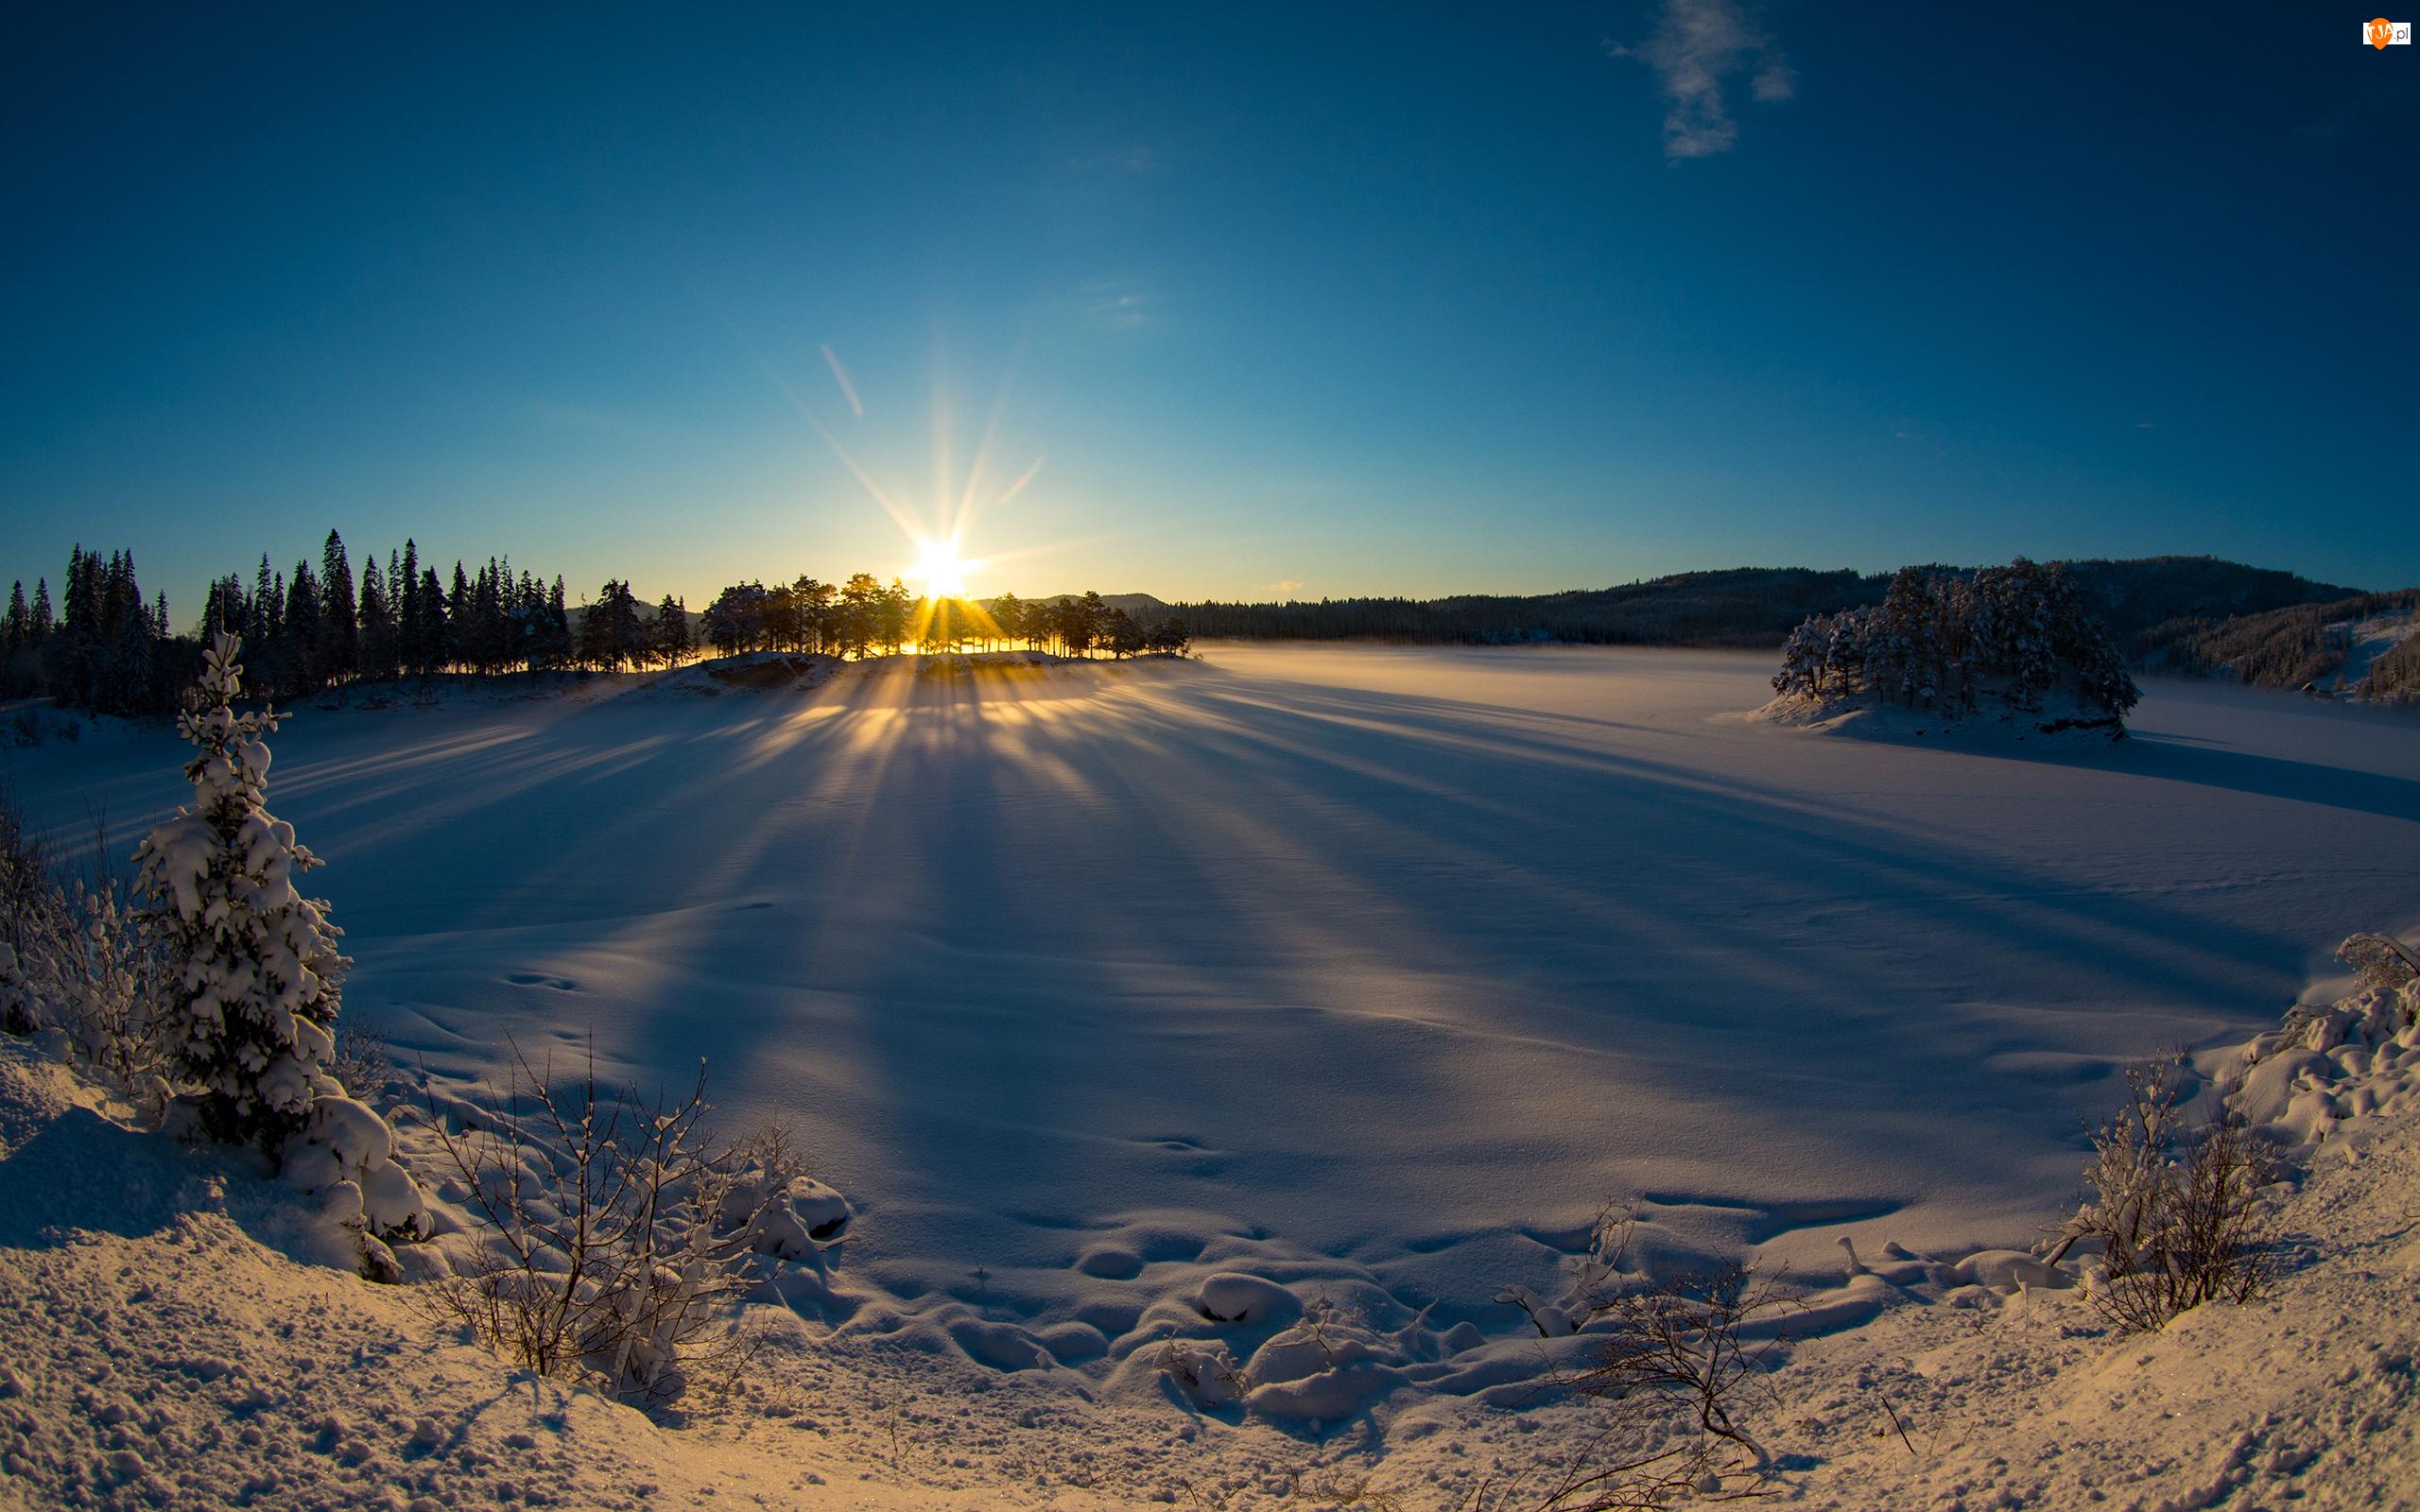 Zima, Promienie słońca, Śnieg, Drzewa